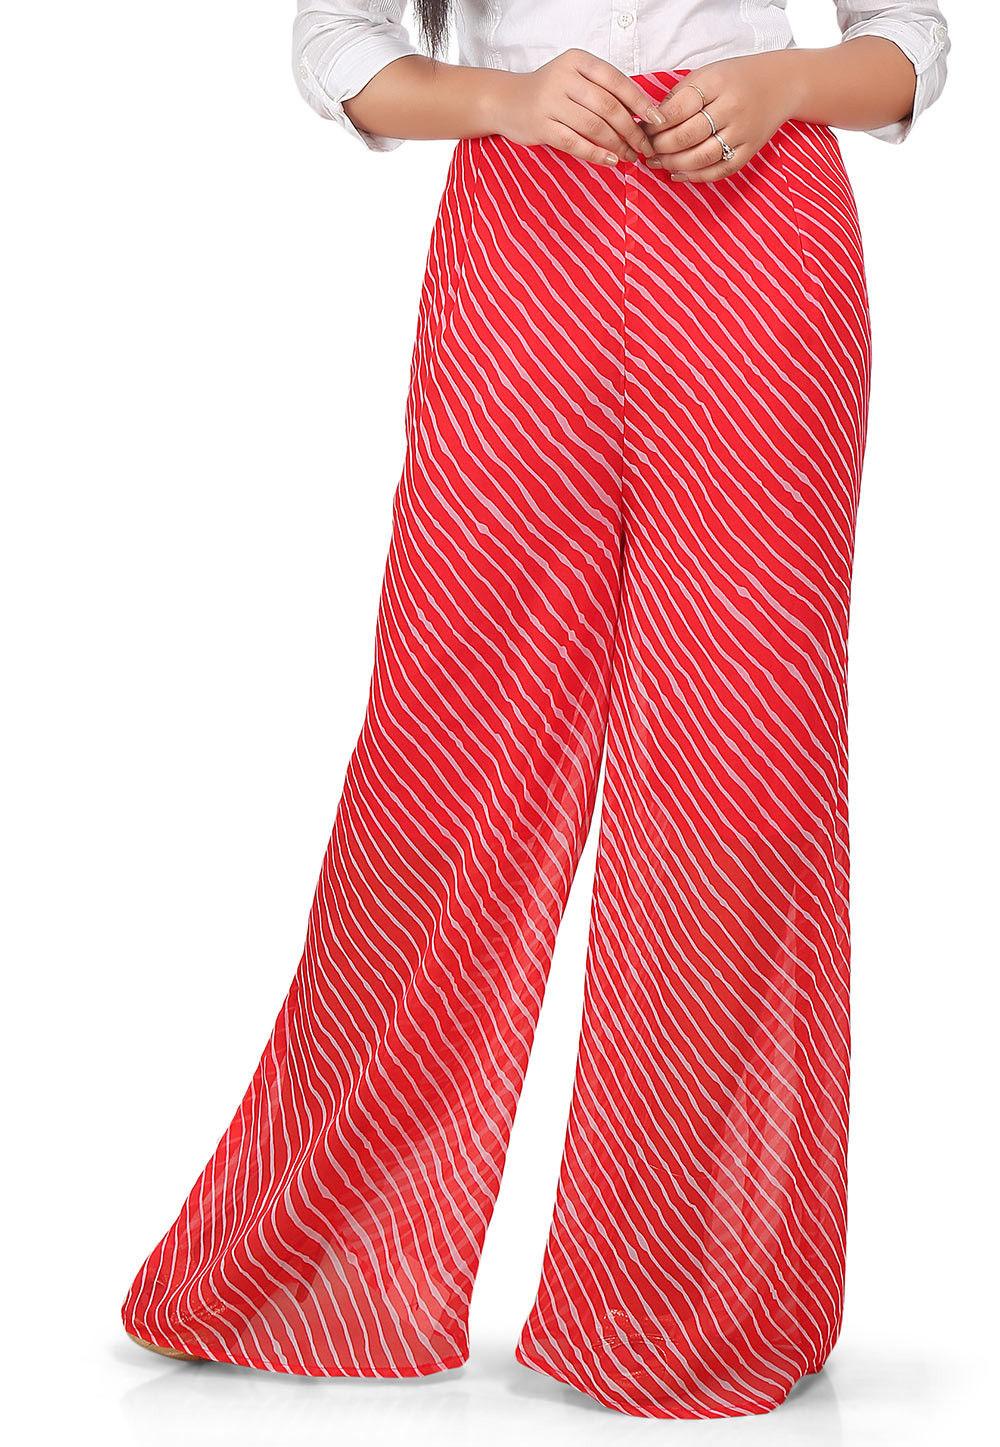 Lehariya Printed Georgette Palazzo in Red